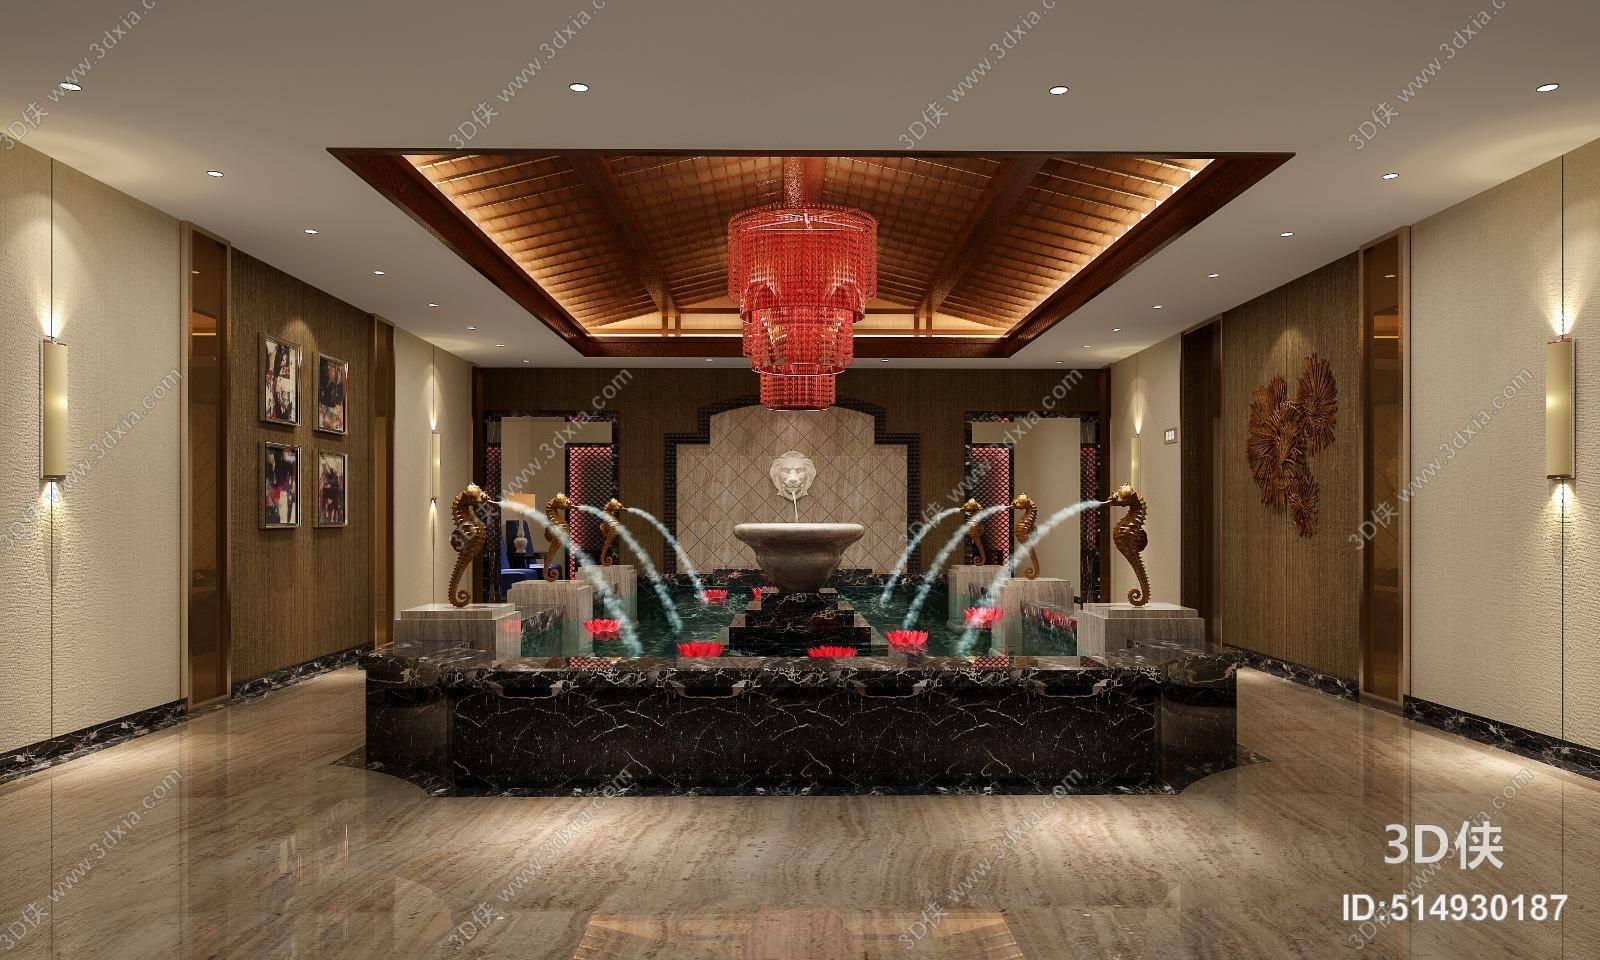 中欧混搭酒店会所 欧式新古典红色玻璃吊灯